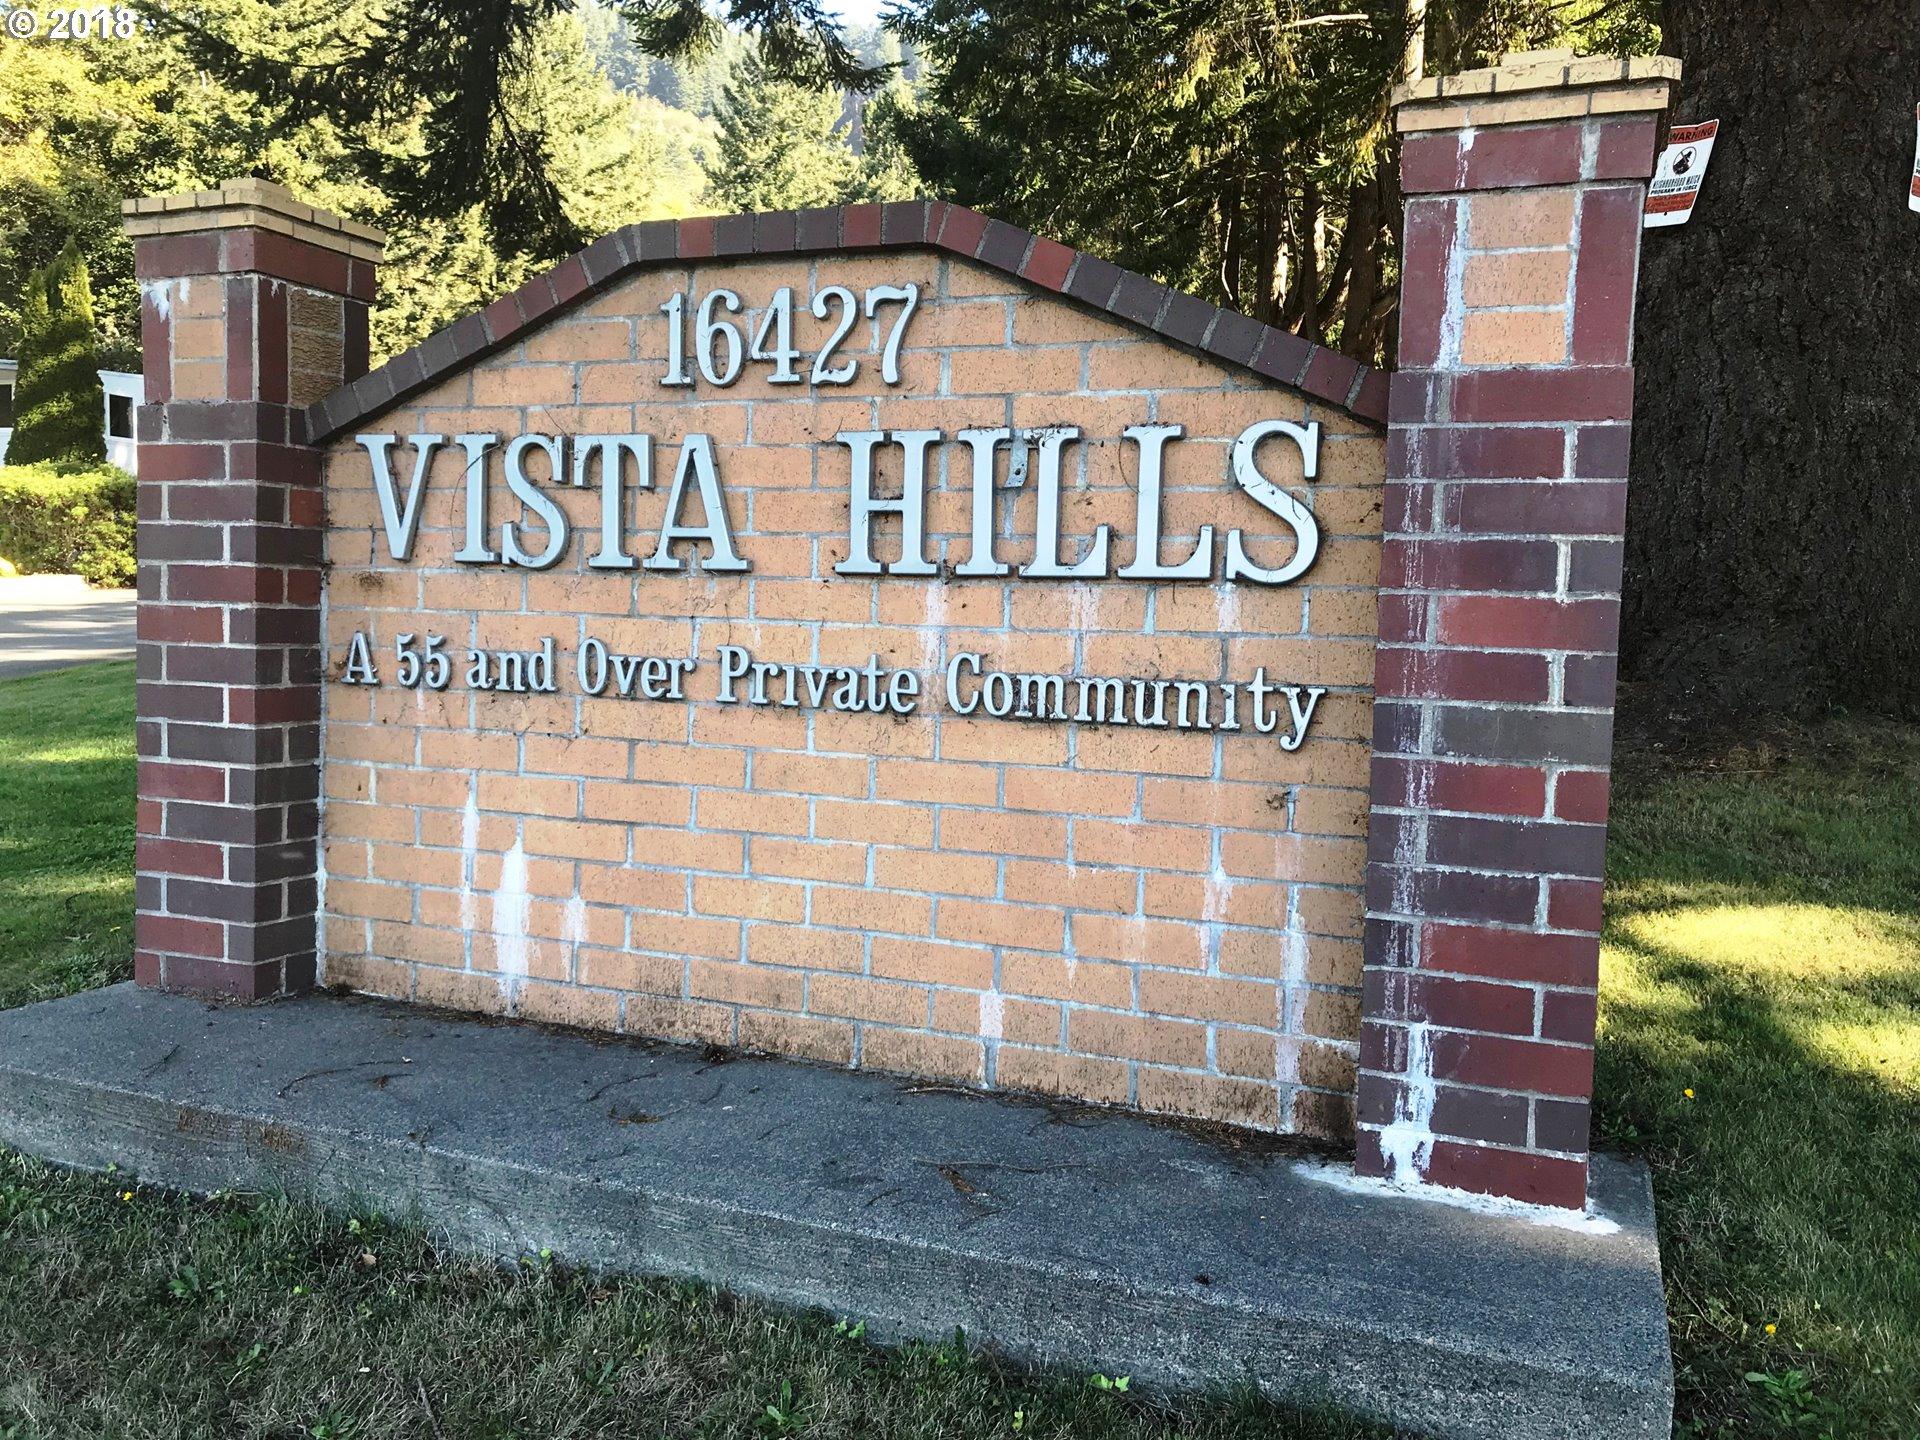 16427 VISTA HILLS DR Unit 3 Brookings, OR 97415 - MLS #: 18626381